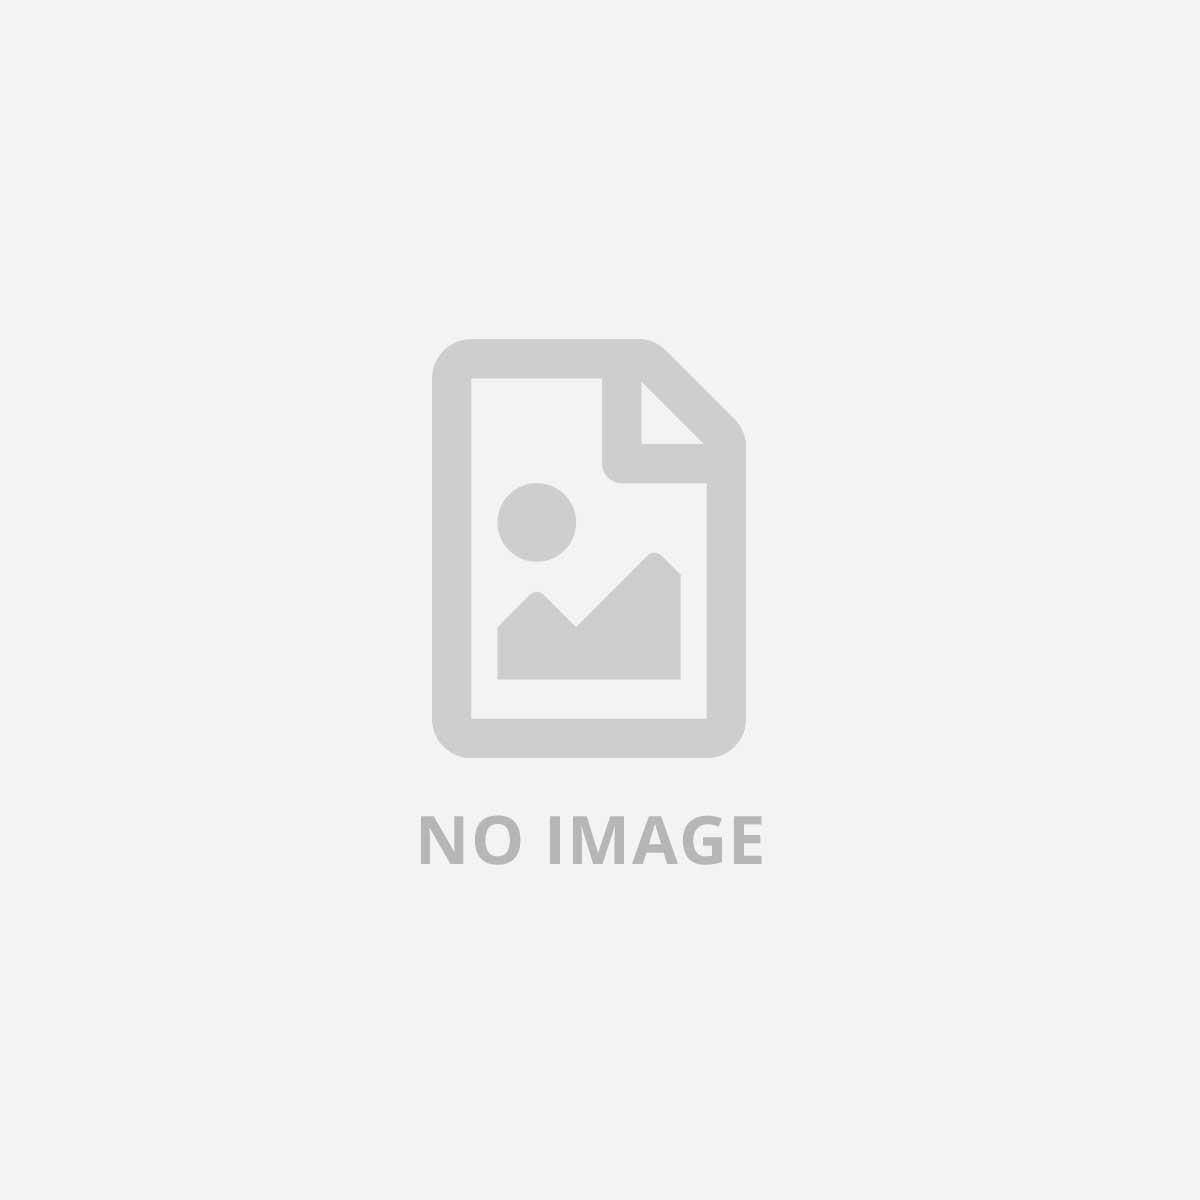 HPE ML110 GEN10 3206R 1P 16G 4LF